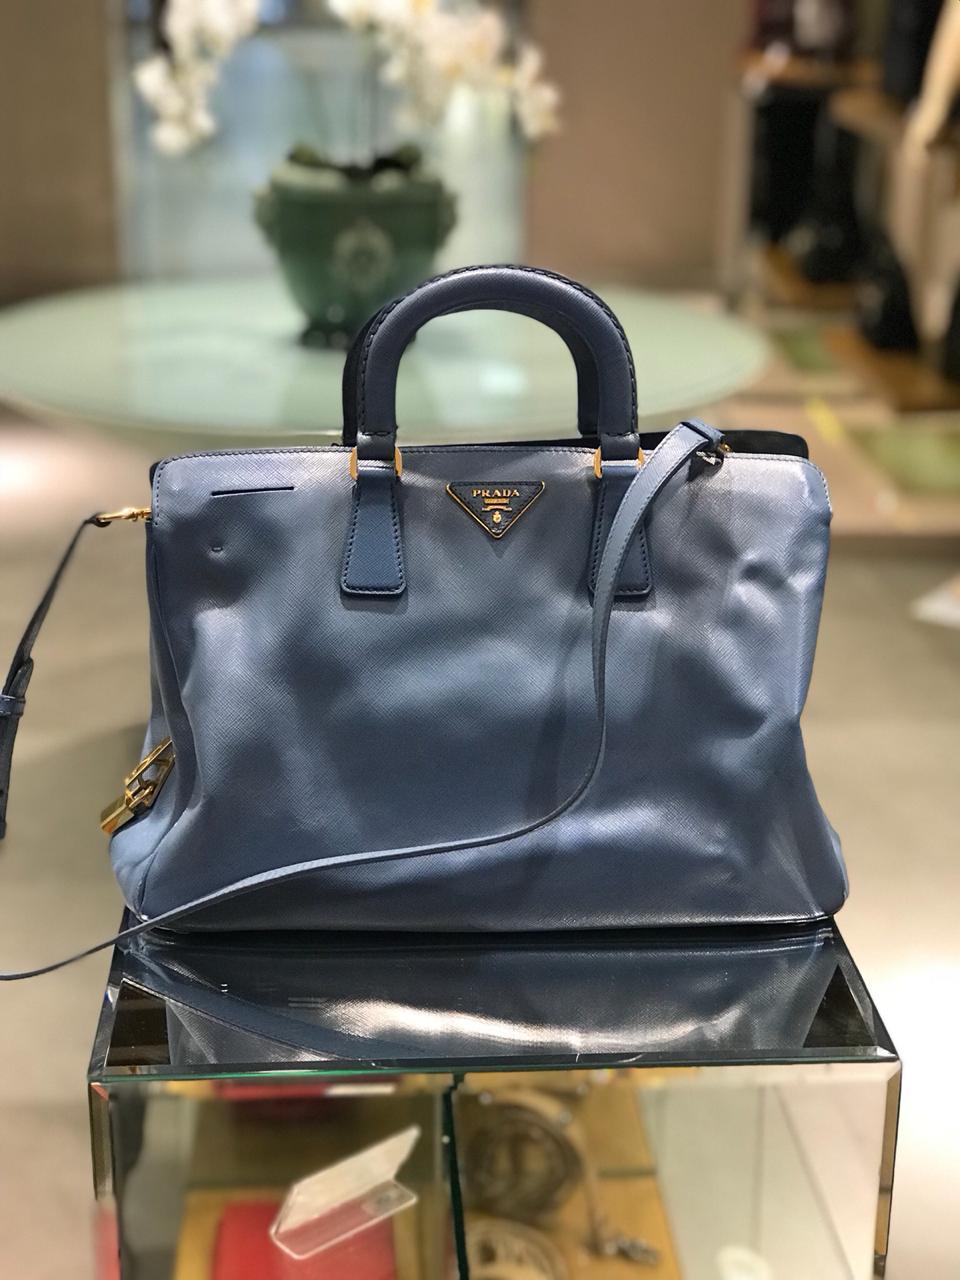 64aeb5057 Bolsa Prada Saffiano Azul - Paula Frank   Bolsas de luxo originais ...